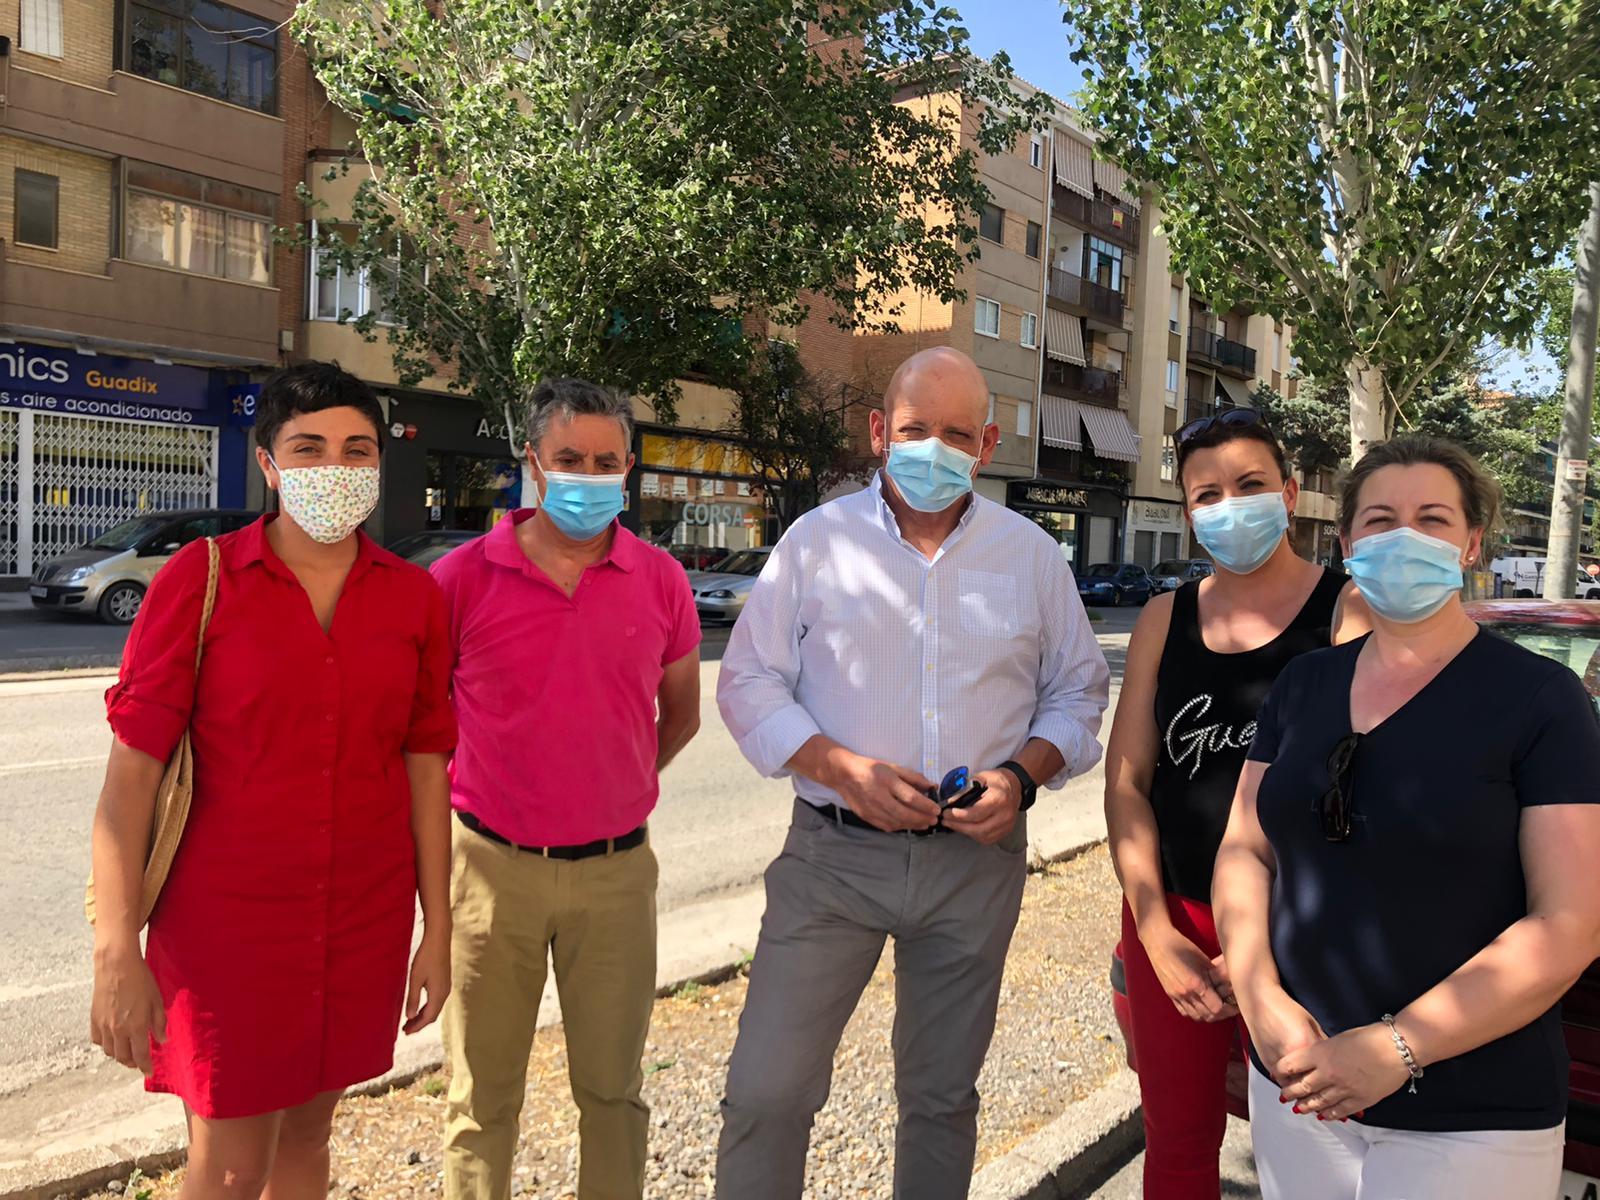 El PSOE de Guadix lamenta que la Junta haya reducido la inversión para la remodelación de la Avenida Buenos Aires